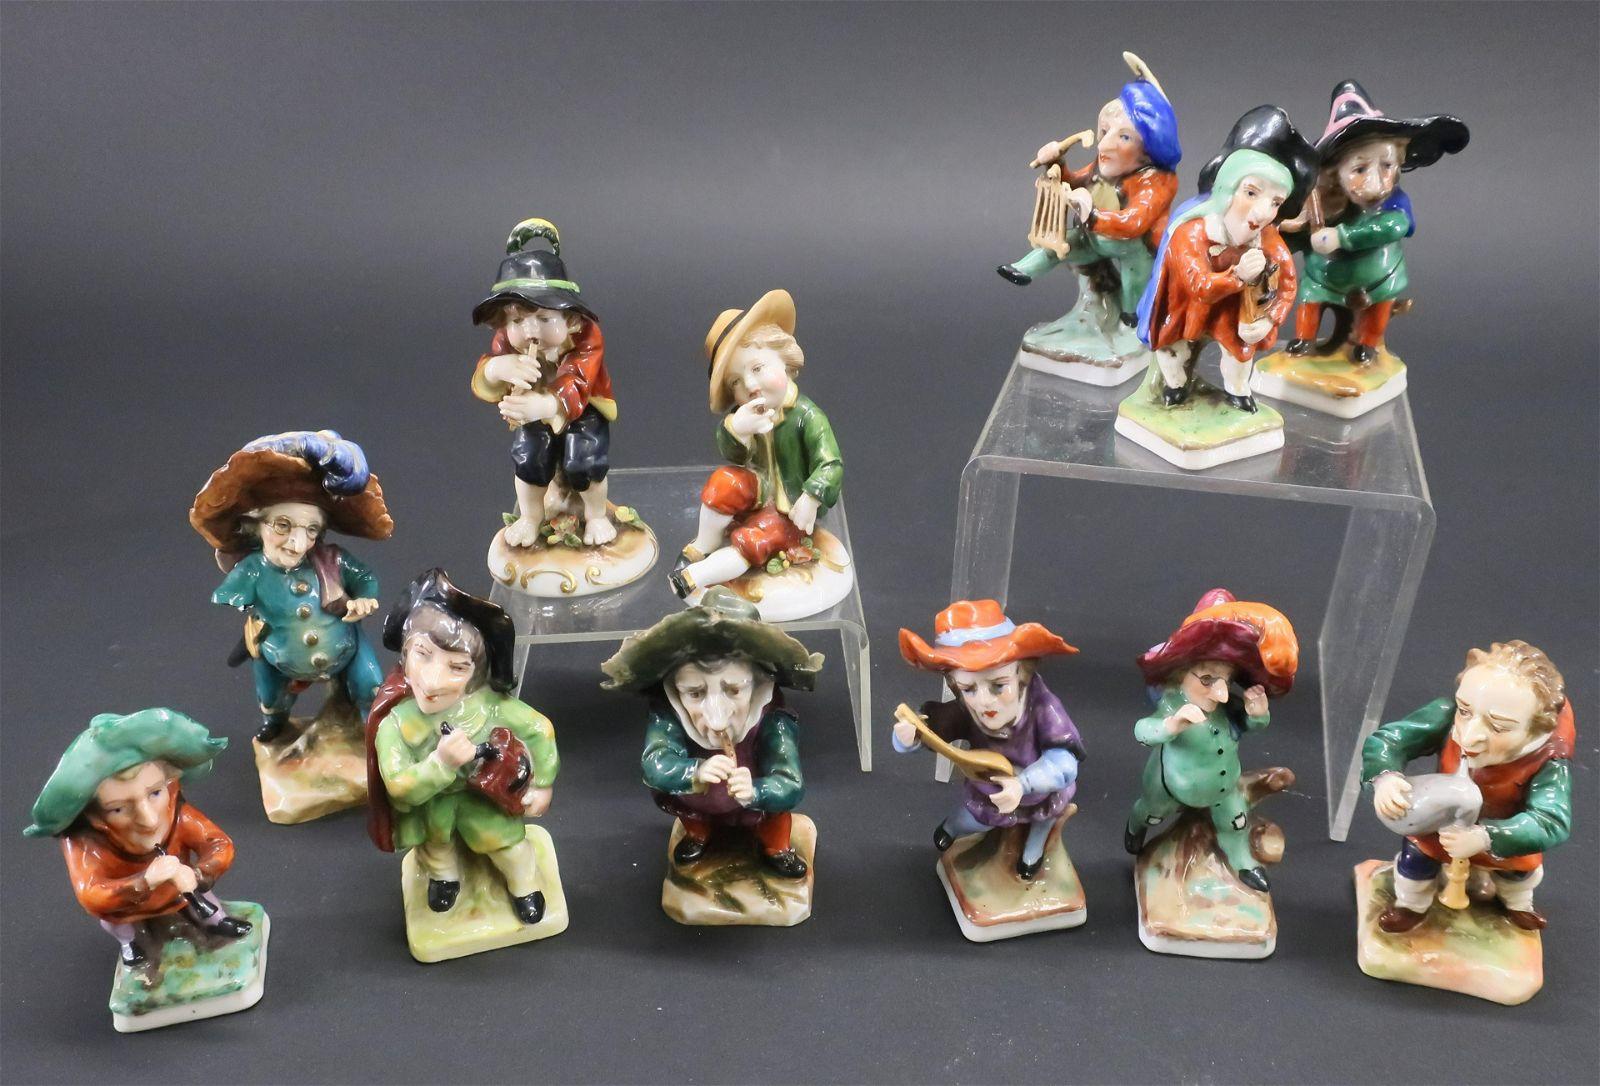 12 Capodimonte Porcelain Musicians / Figures